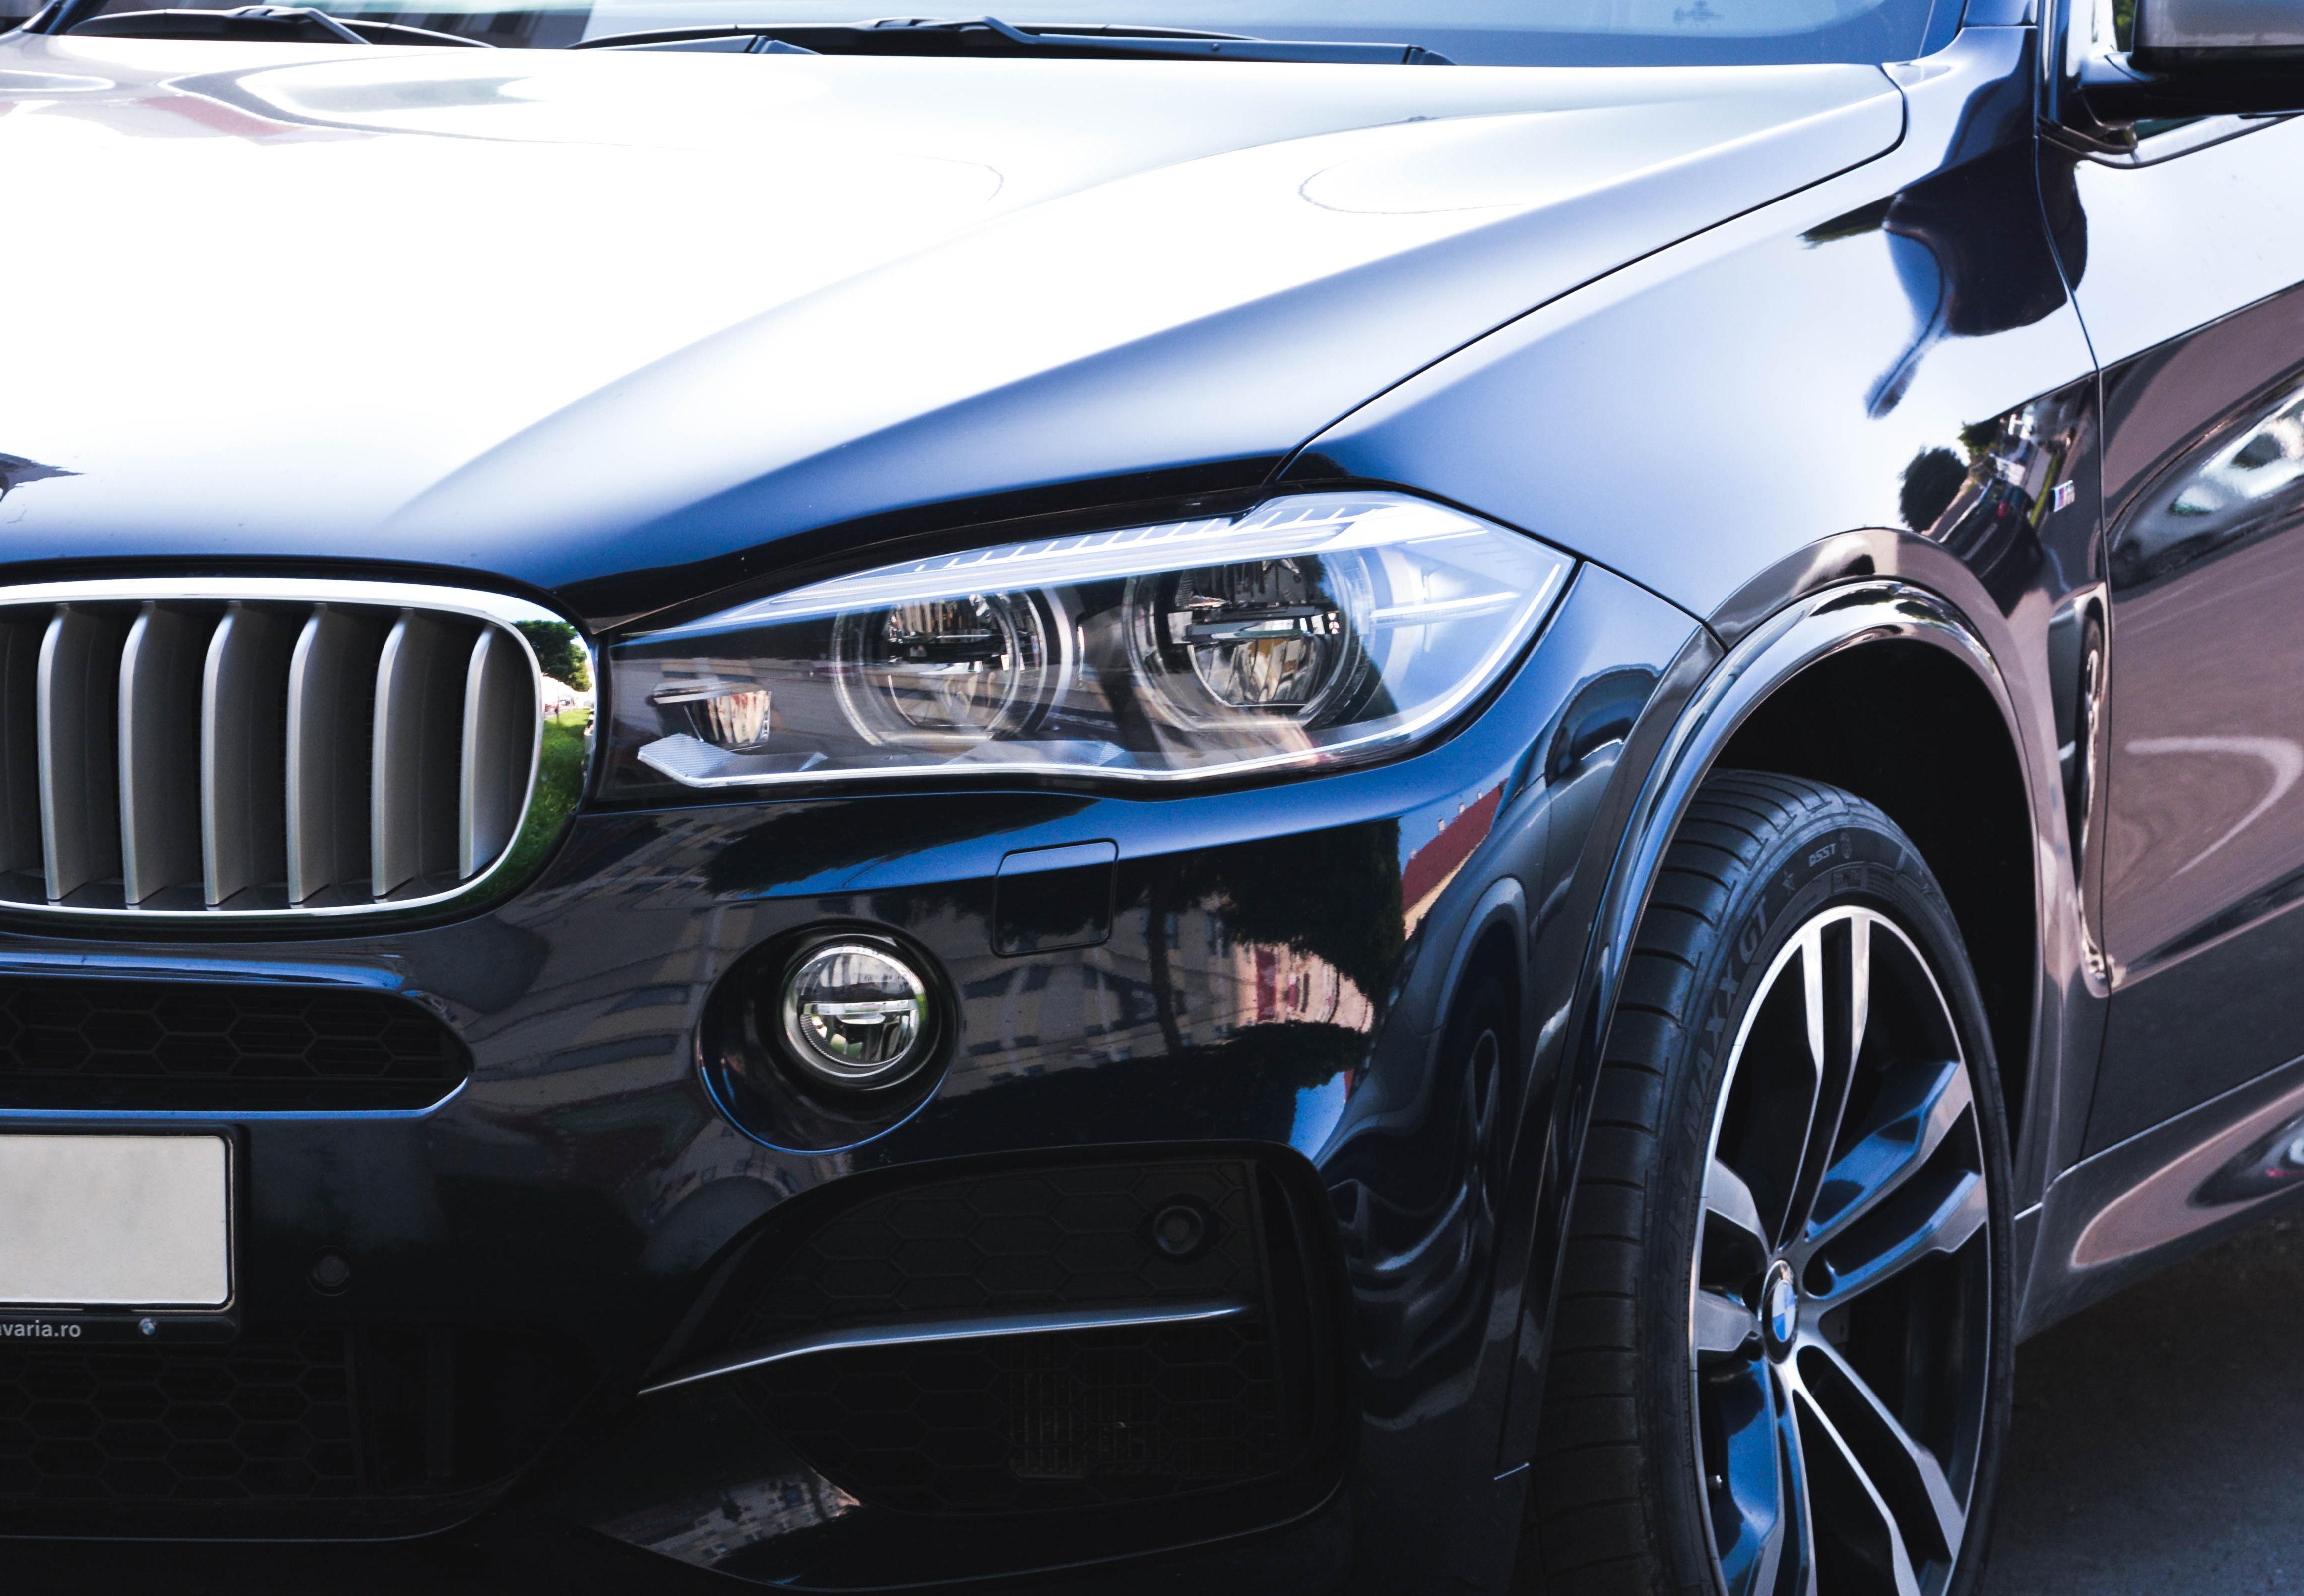 BMW SUV Repairs